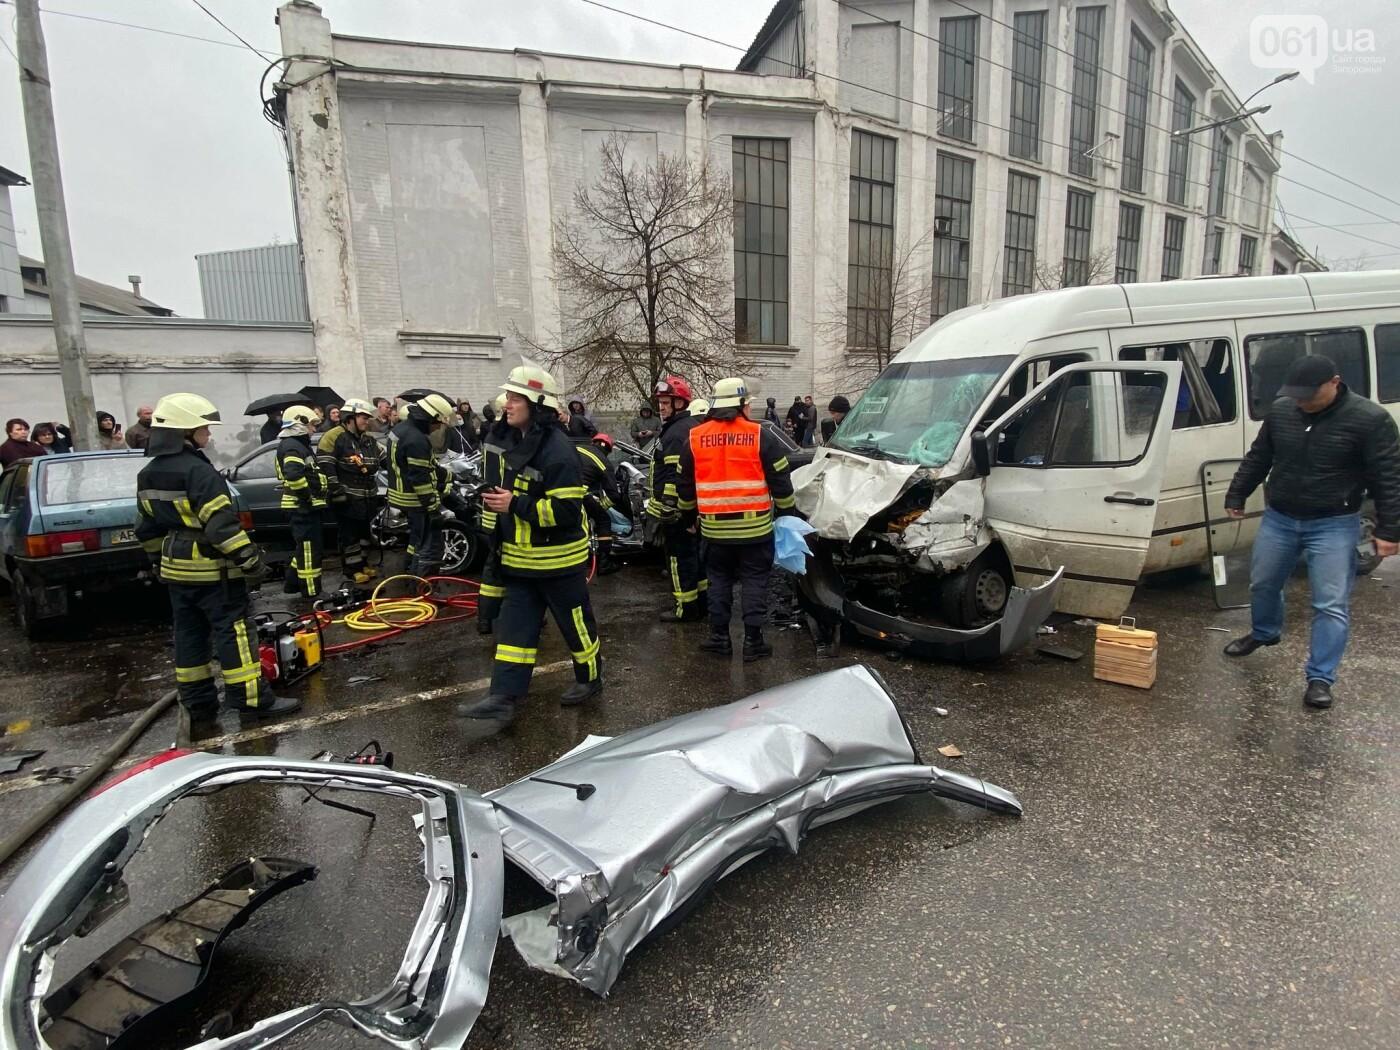 Авария в Запорожье: спасатели срезали крышу легкового автомобиля, чтобы достать погибшую пассажирку, - ФОТО , фото-5